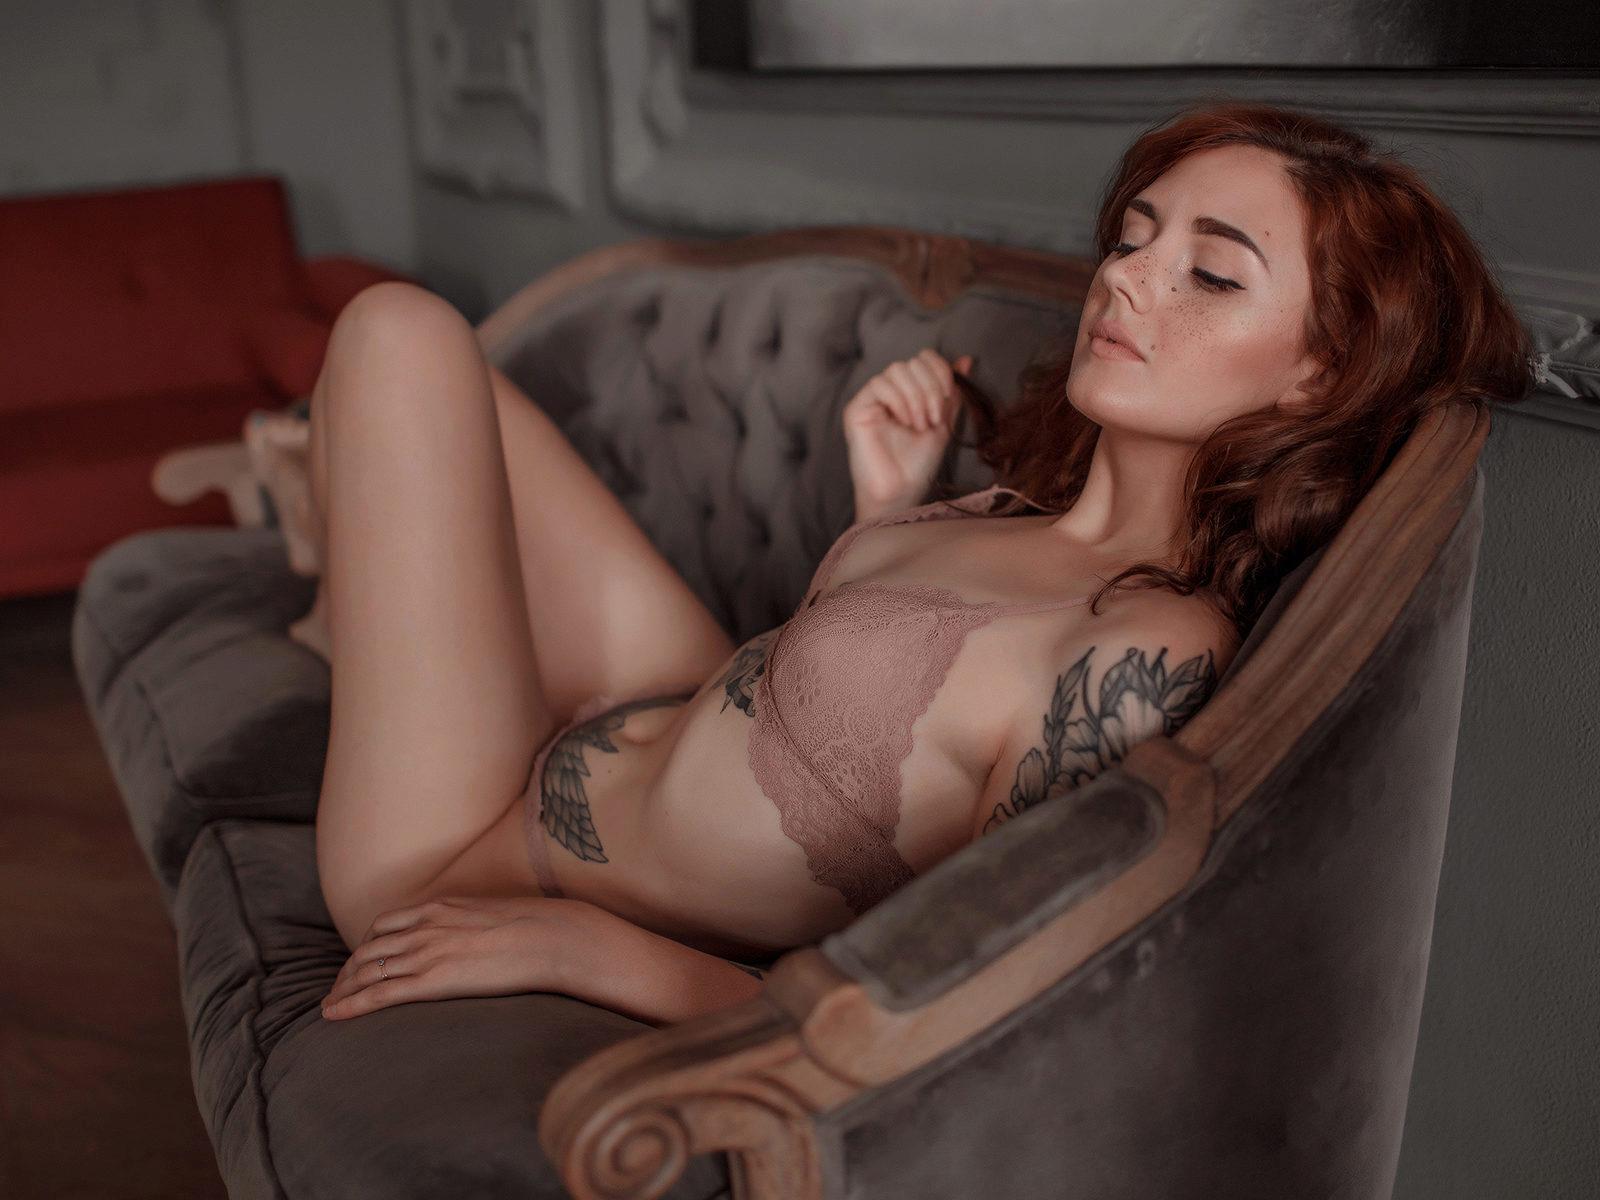 Lana Milans